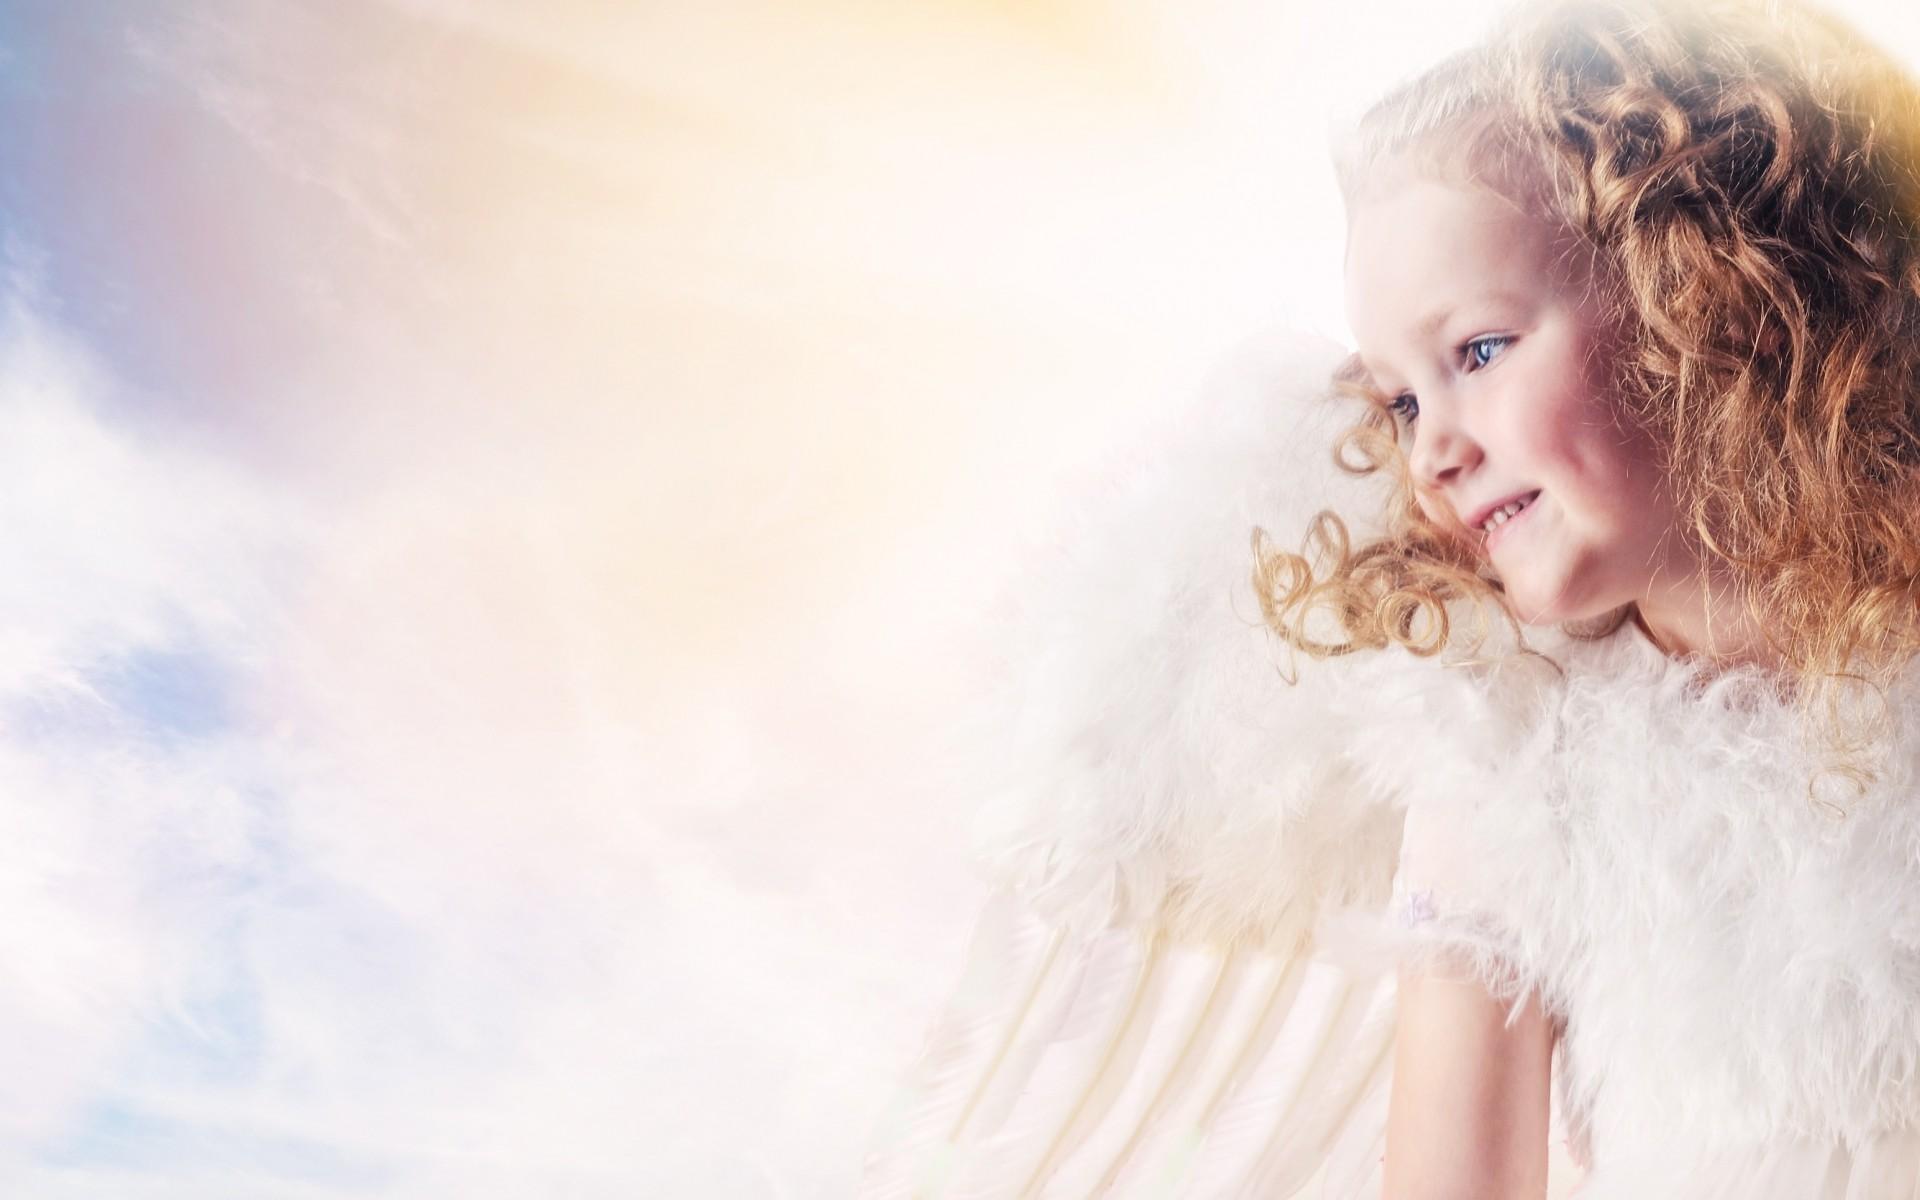 children girls females angels cute wings mood blondes sky clouds